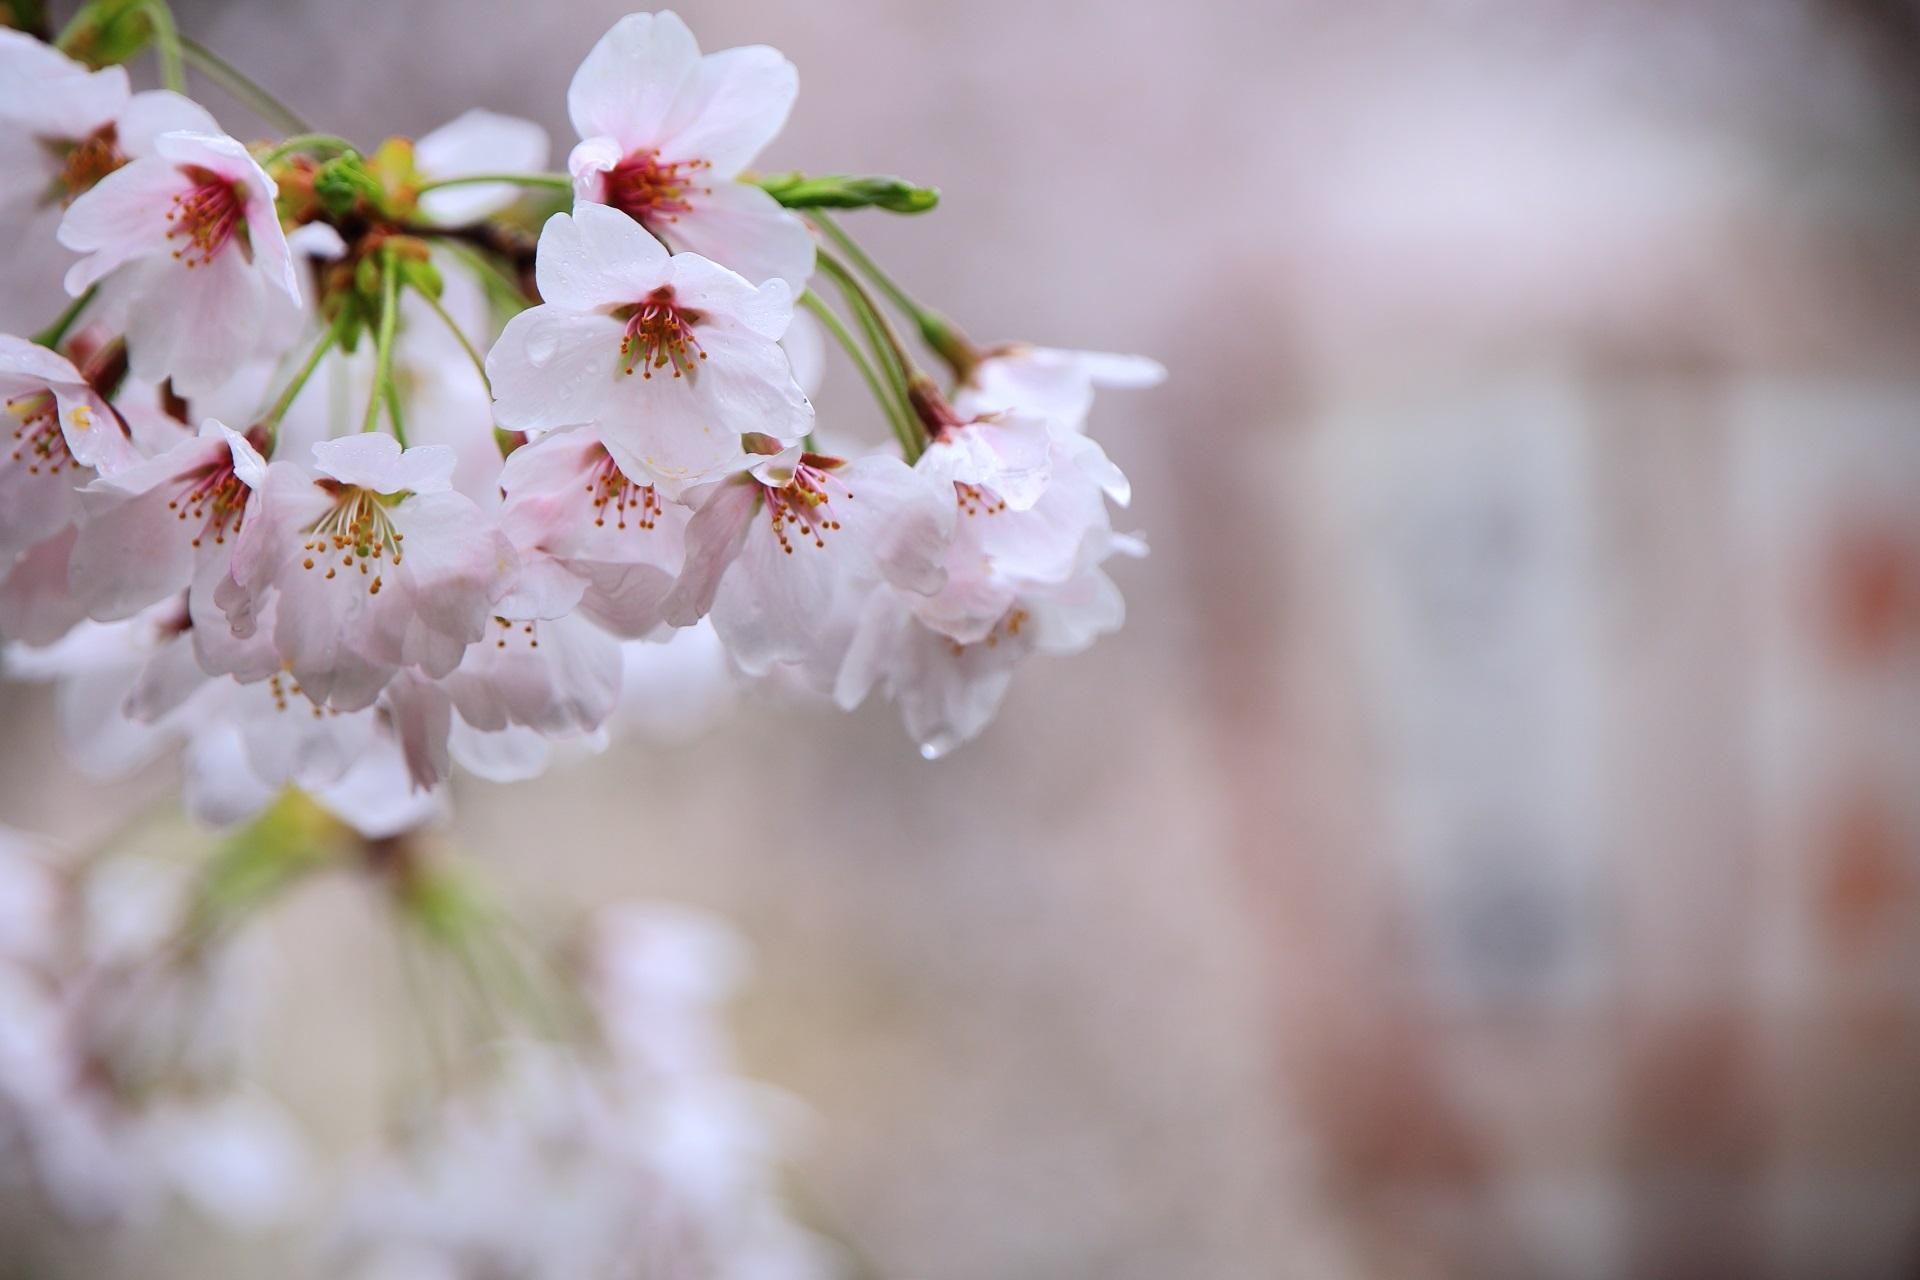 雨に濡れてしっとりとした桜